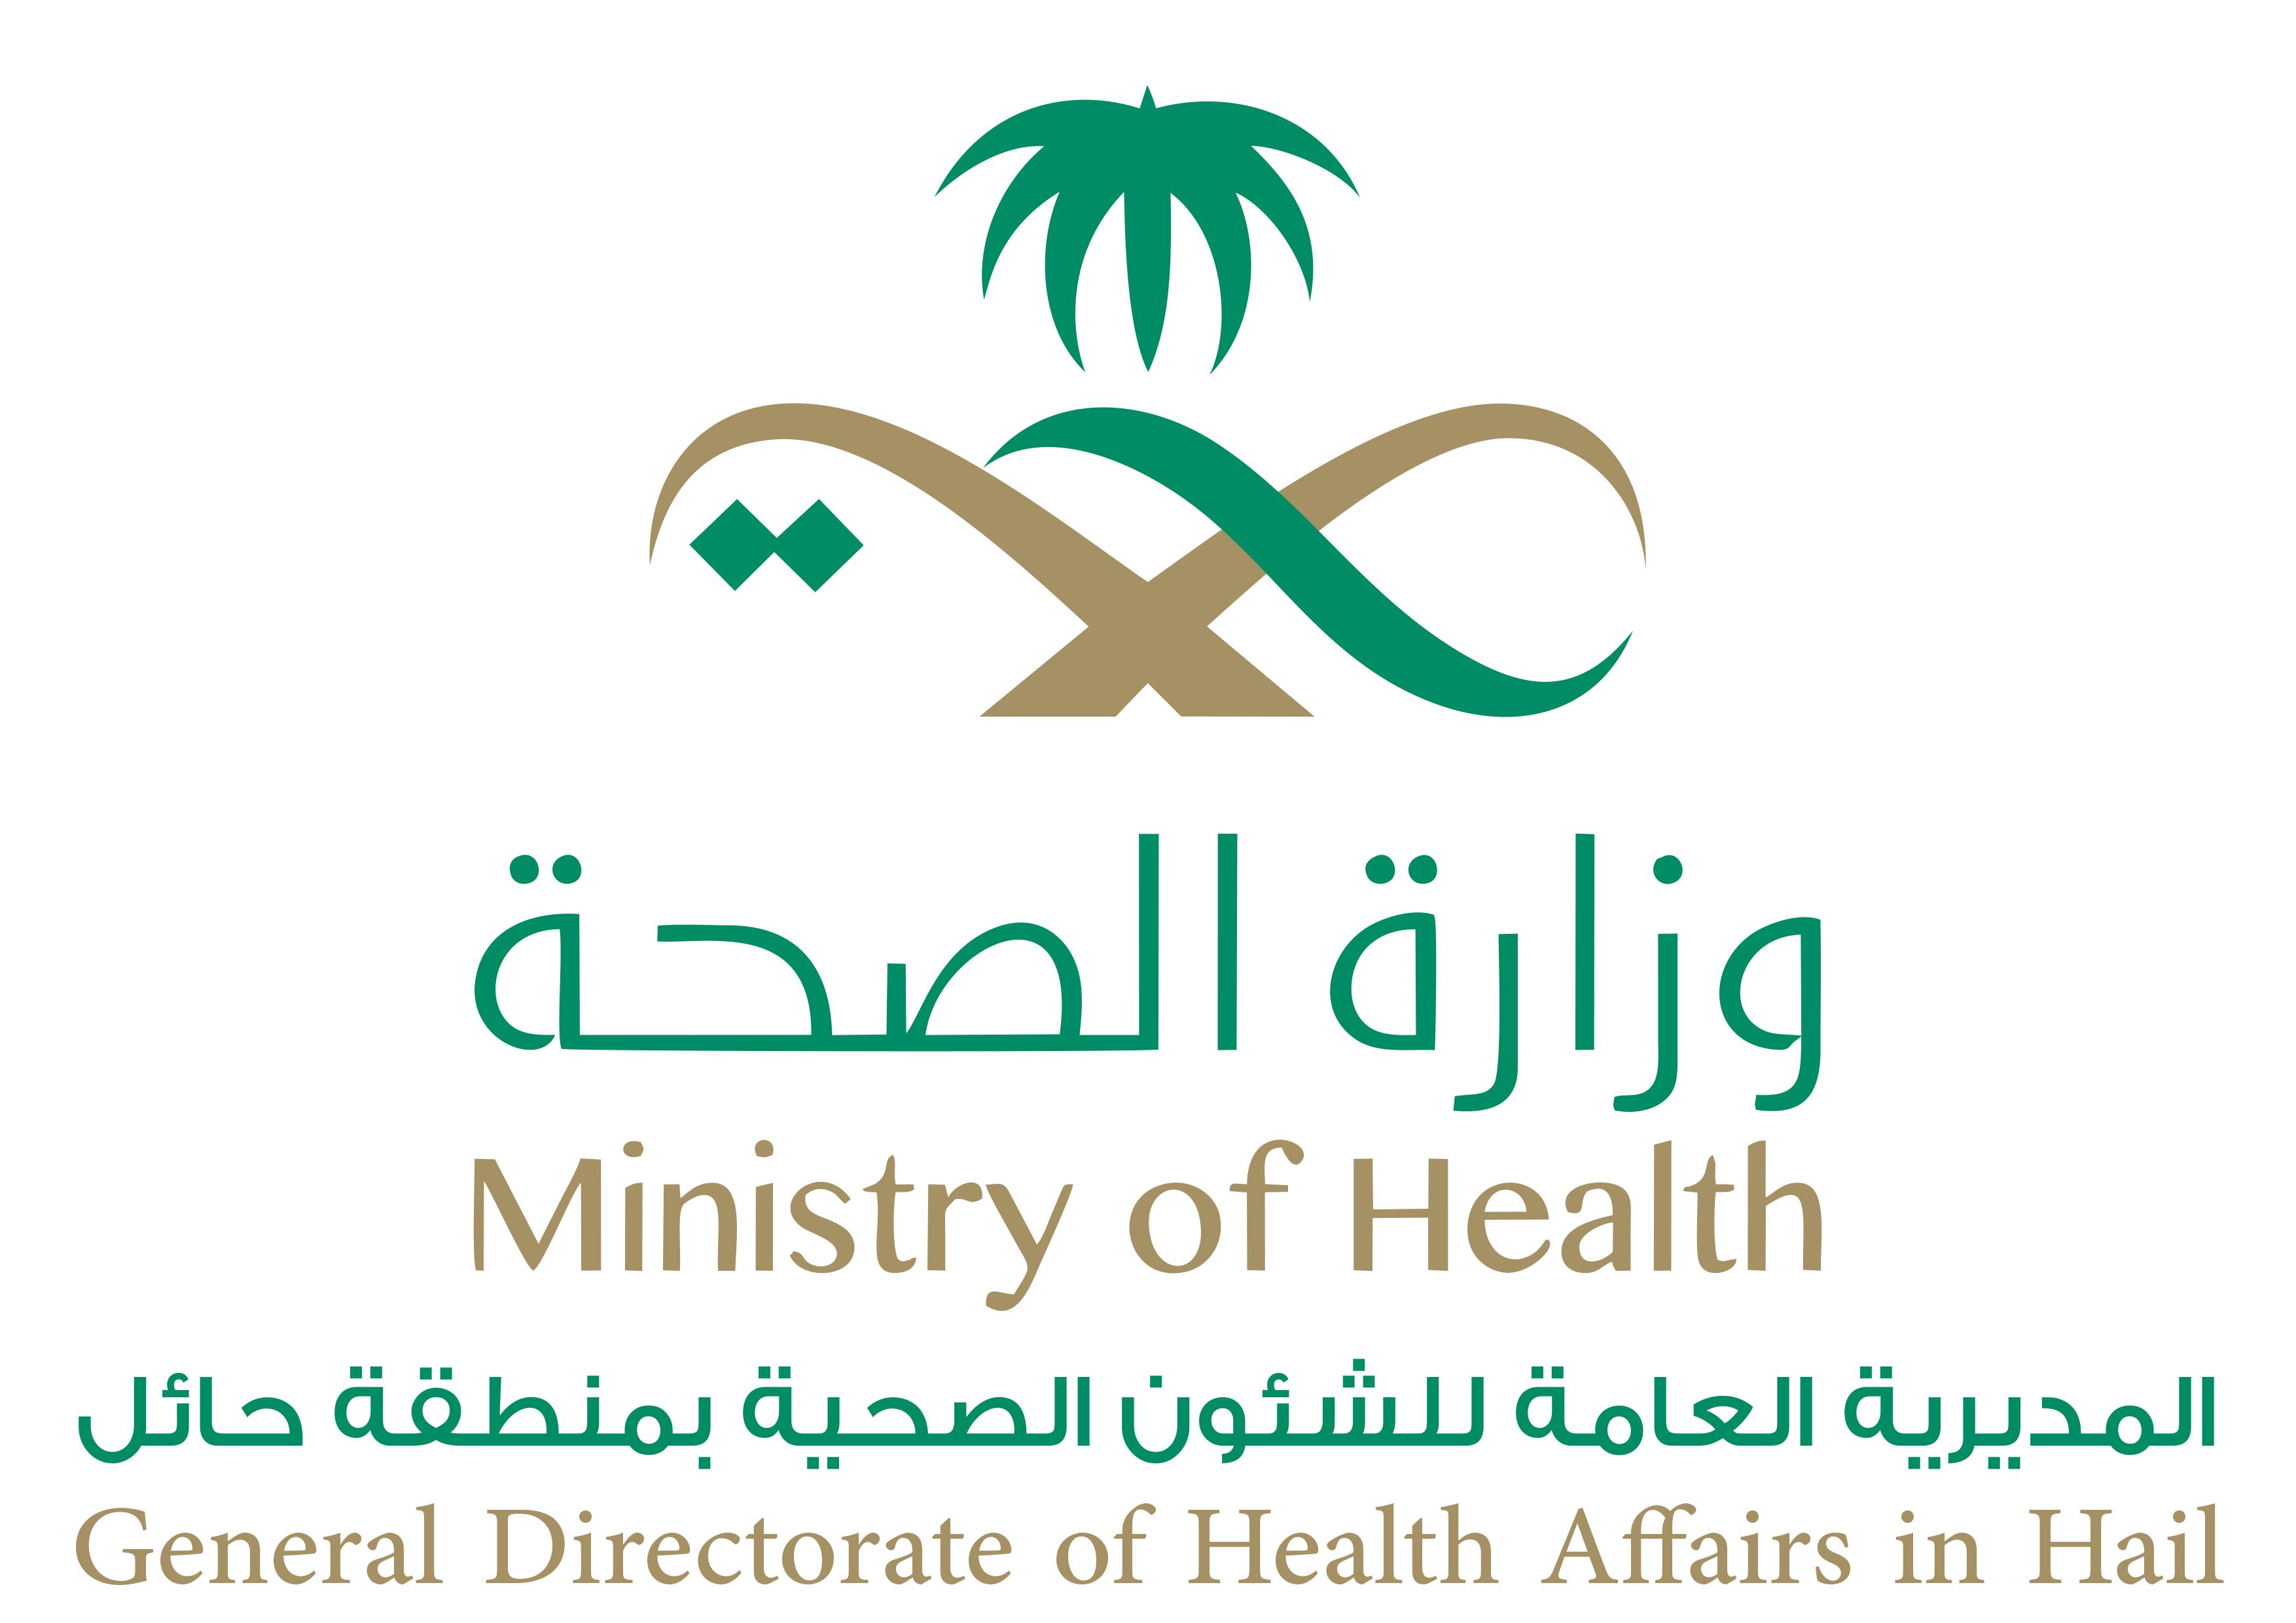 الهيئة الطبية بصحة حائل تخدم مراجعيها عبر خدمة Whatsapp المديرية العامة للشؤون الصحية بحائل